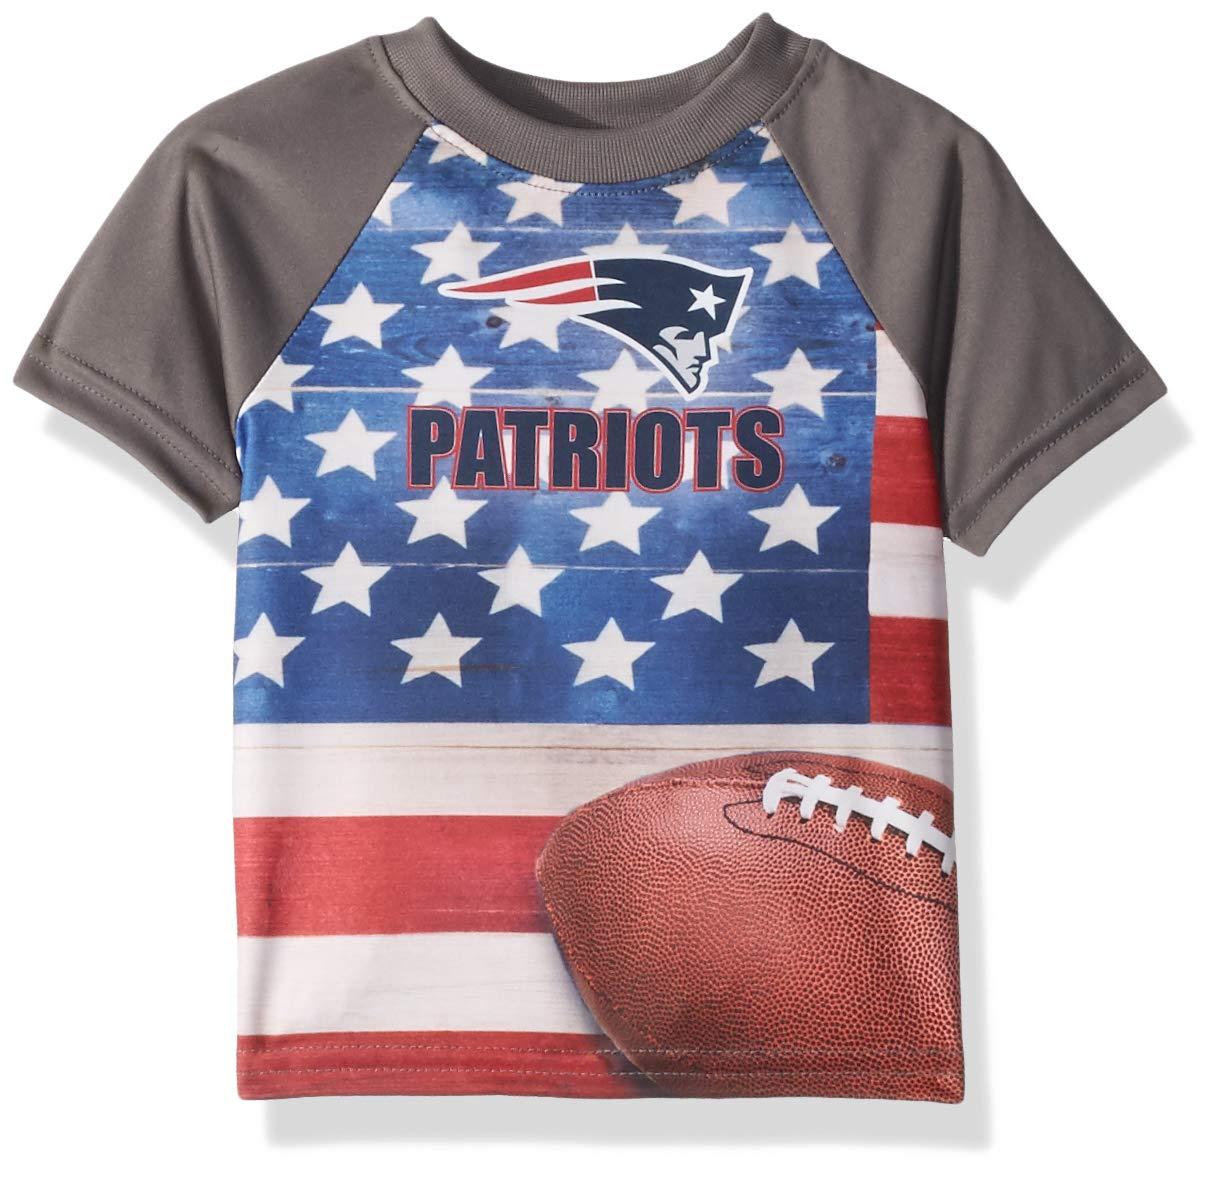 【後払い手数料無料】 Gerber USA 子供服 12 ニューイングランドペイトリオッツ 幼児 Months USA 旗 Tシャツ 12 Months B07C9LRG33, T-ALPHA:9992b7ca --- newsdarpan.in